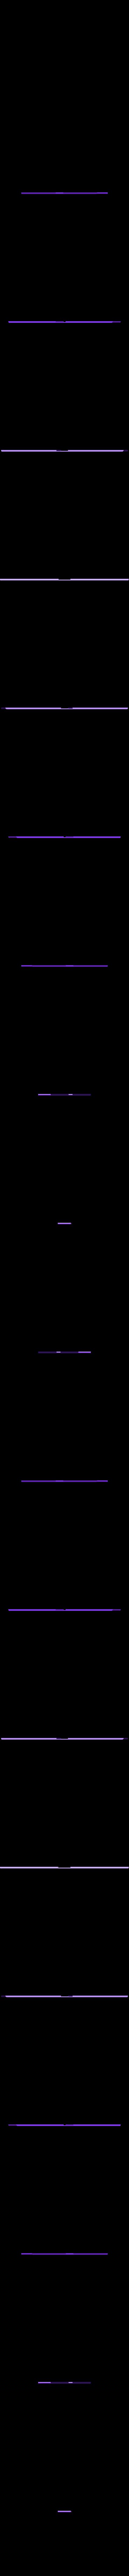 hand1.stl Télécharger fichier STL gratuit wanhao D7 boîtier, couvercle, couvercle, couvercle • Plan à imprimer en 3D, mariospeed